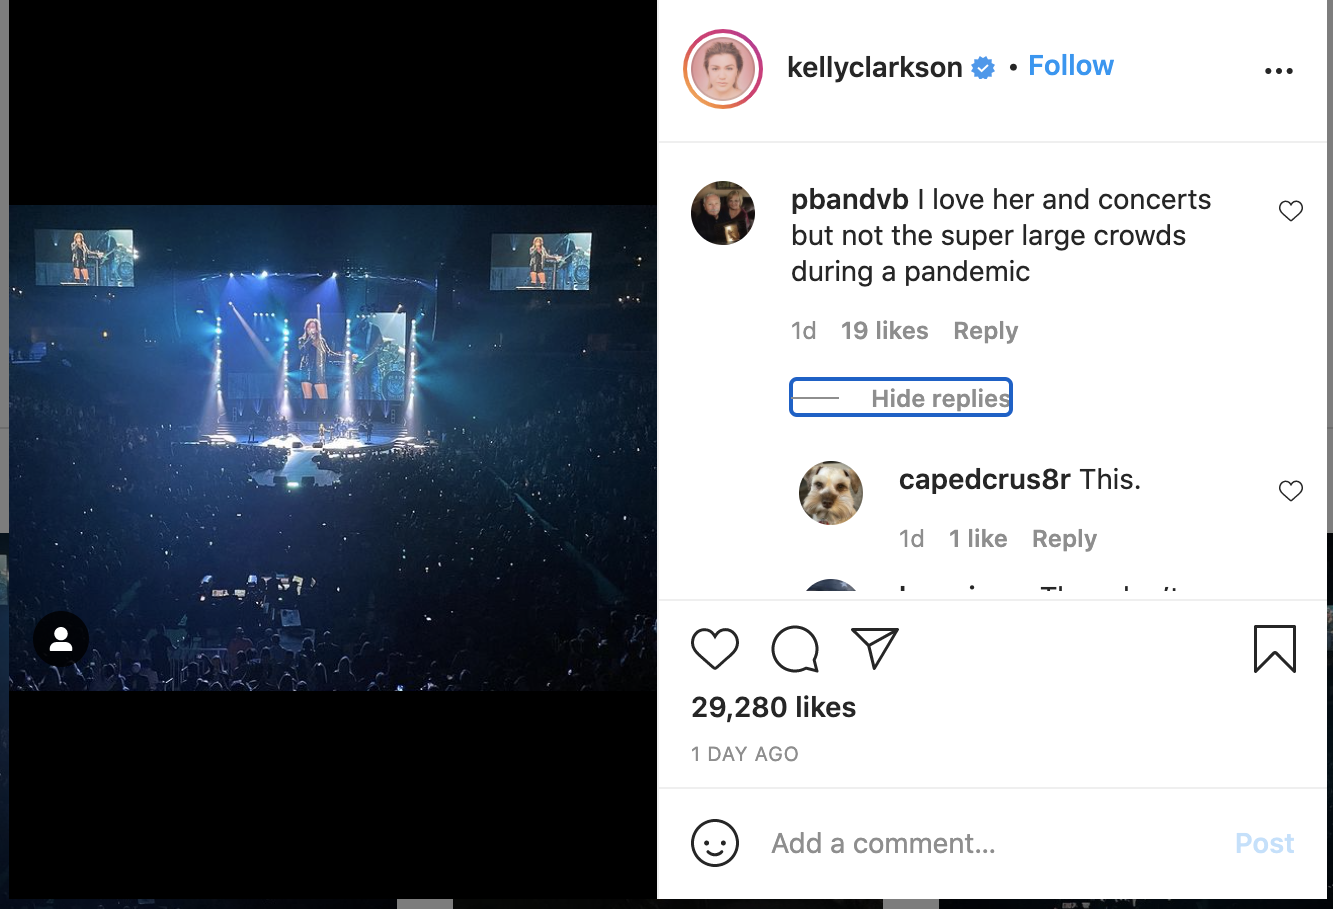 Kelly Clarkson Martina McBride